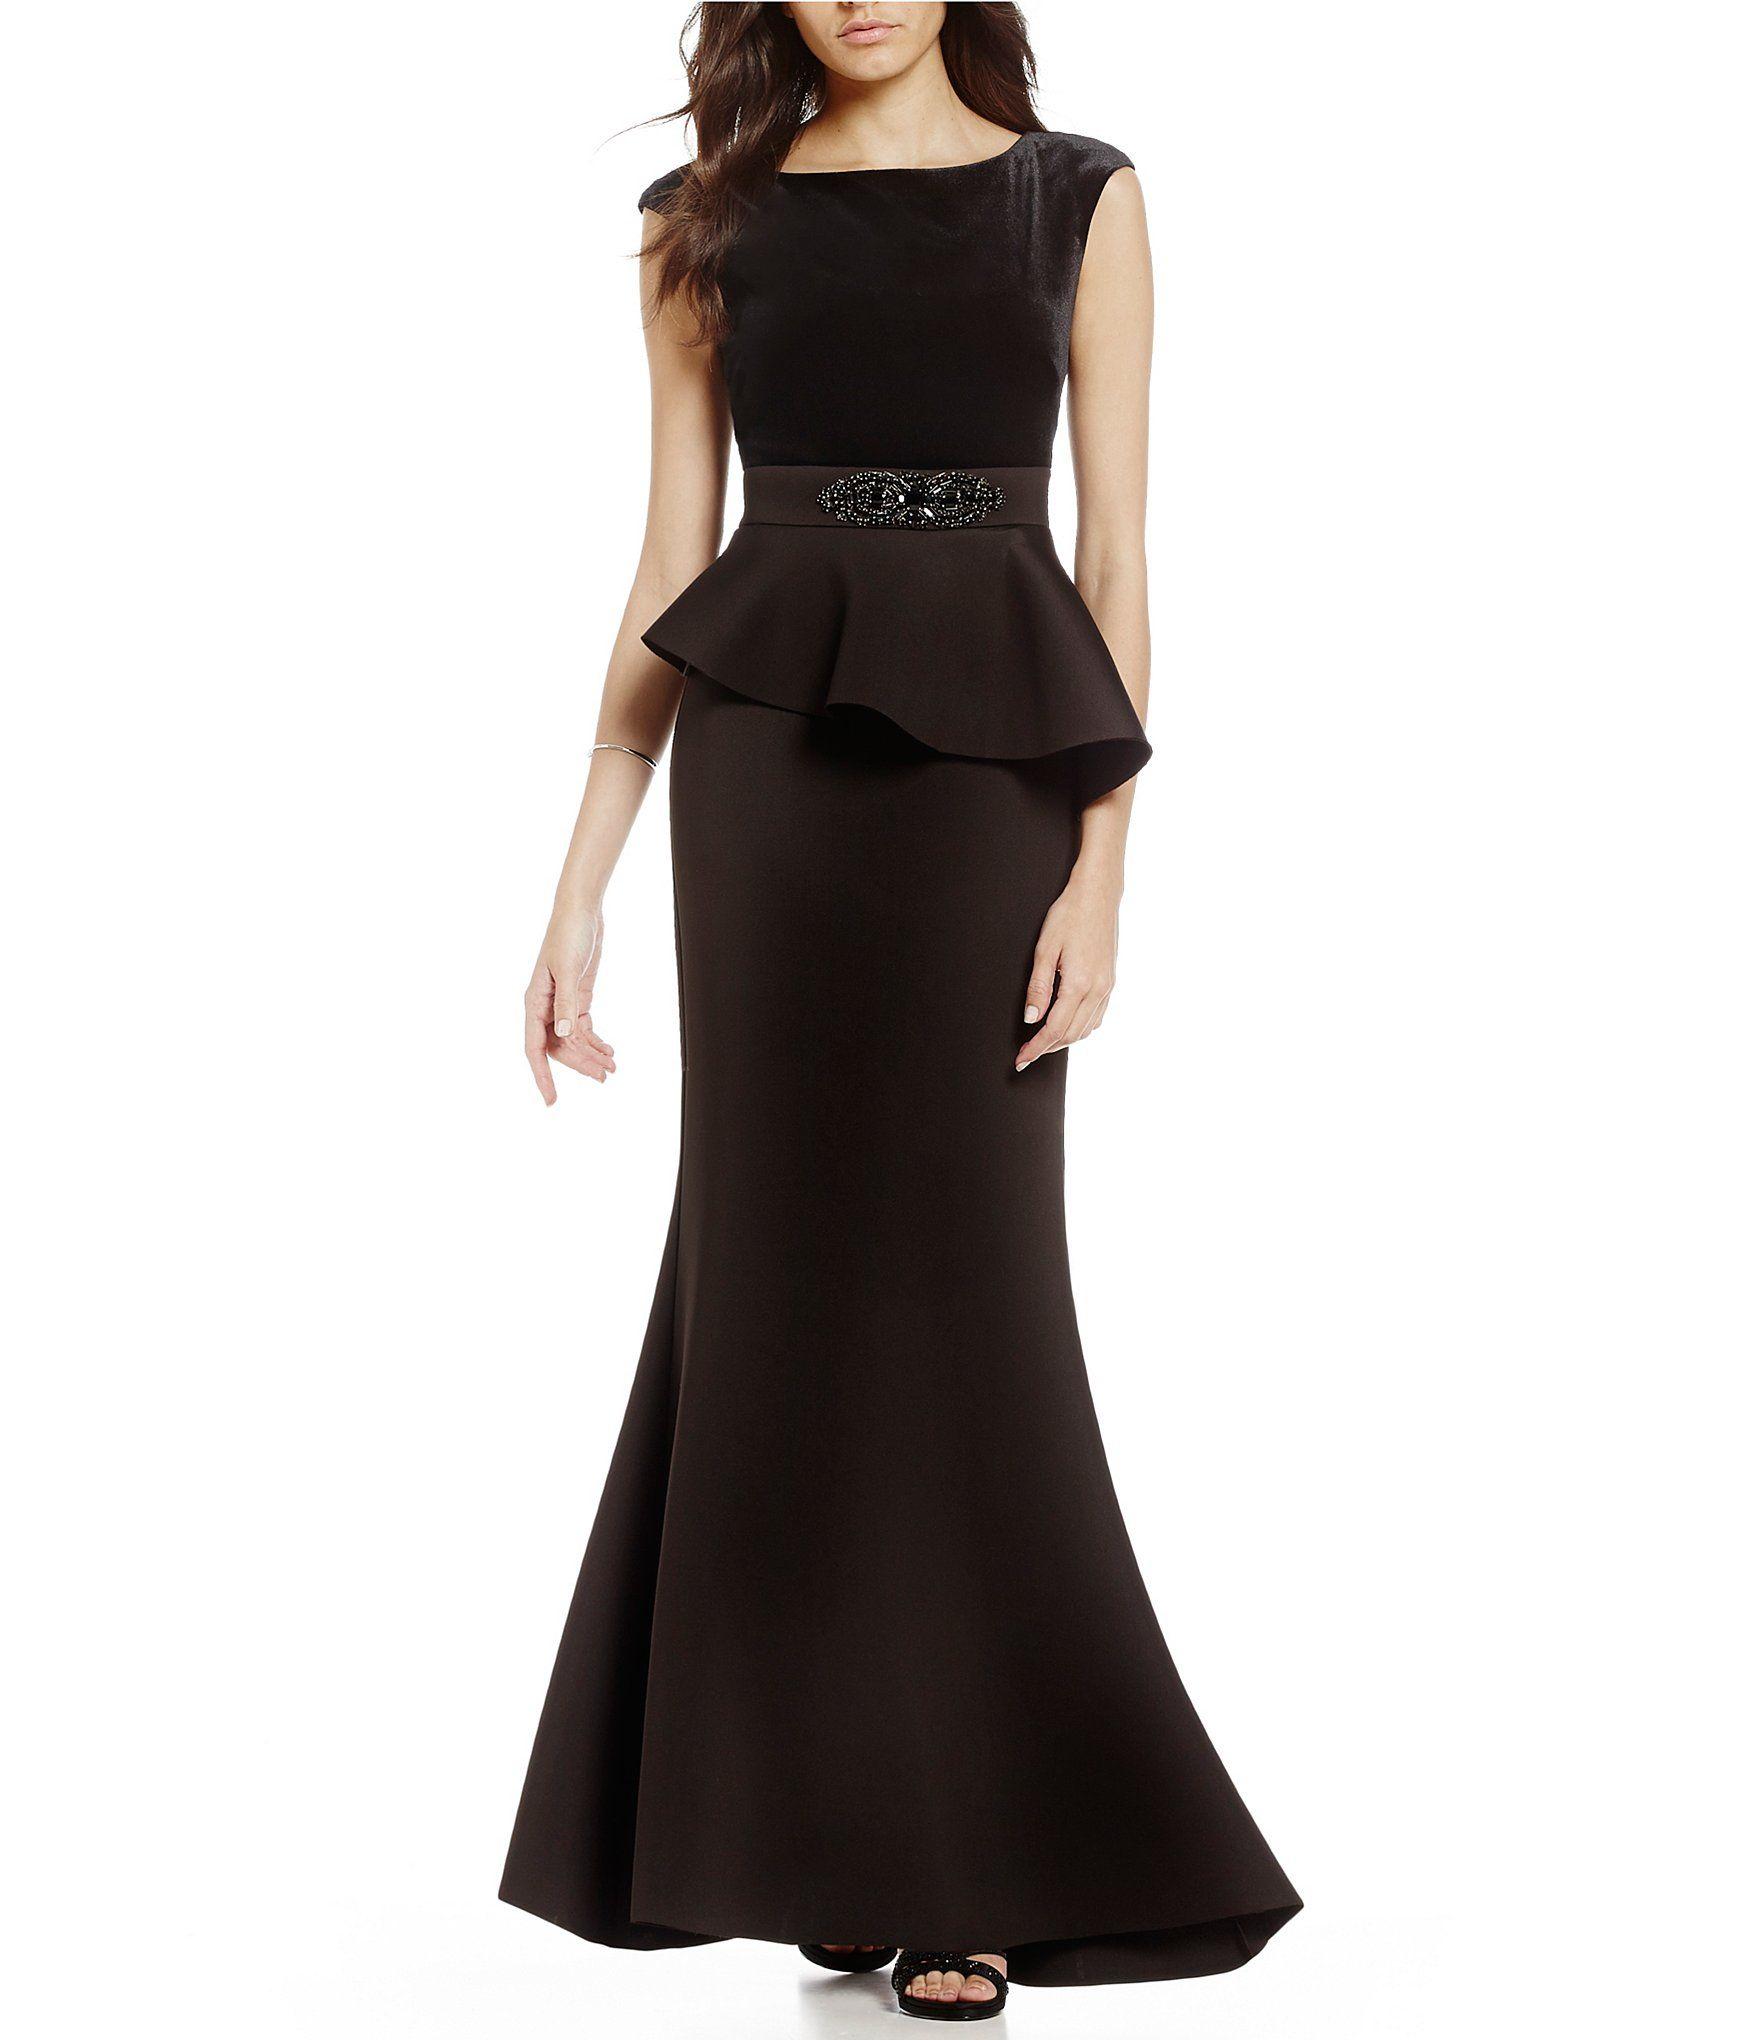 Eliza J Beaded Waist Peplum Gown | Peplum gown, Dillards and Gowns